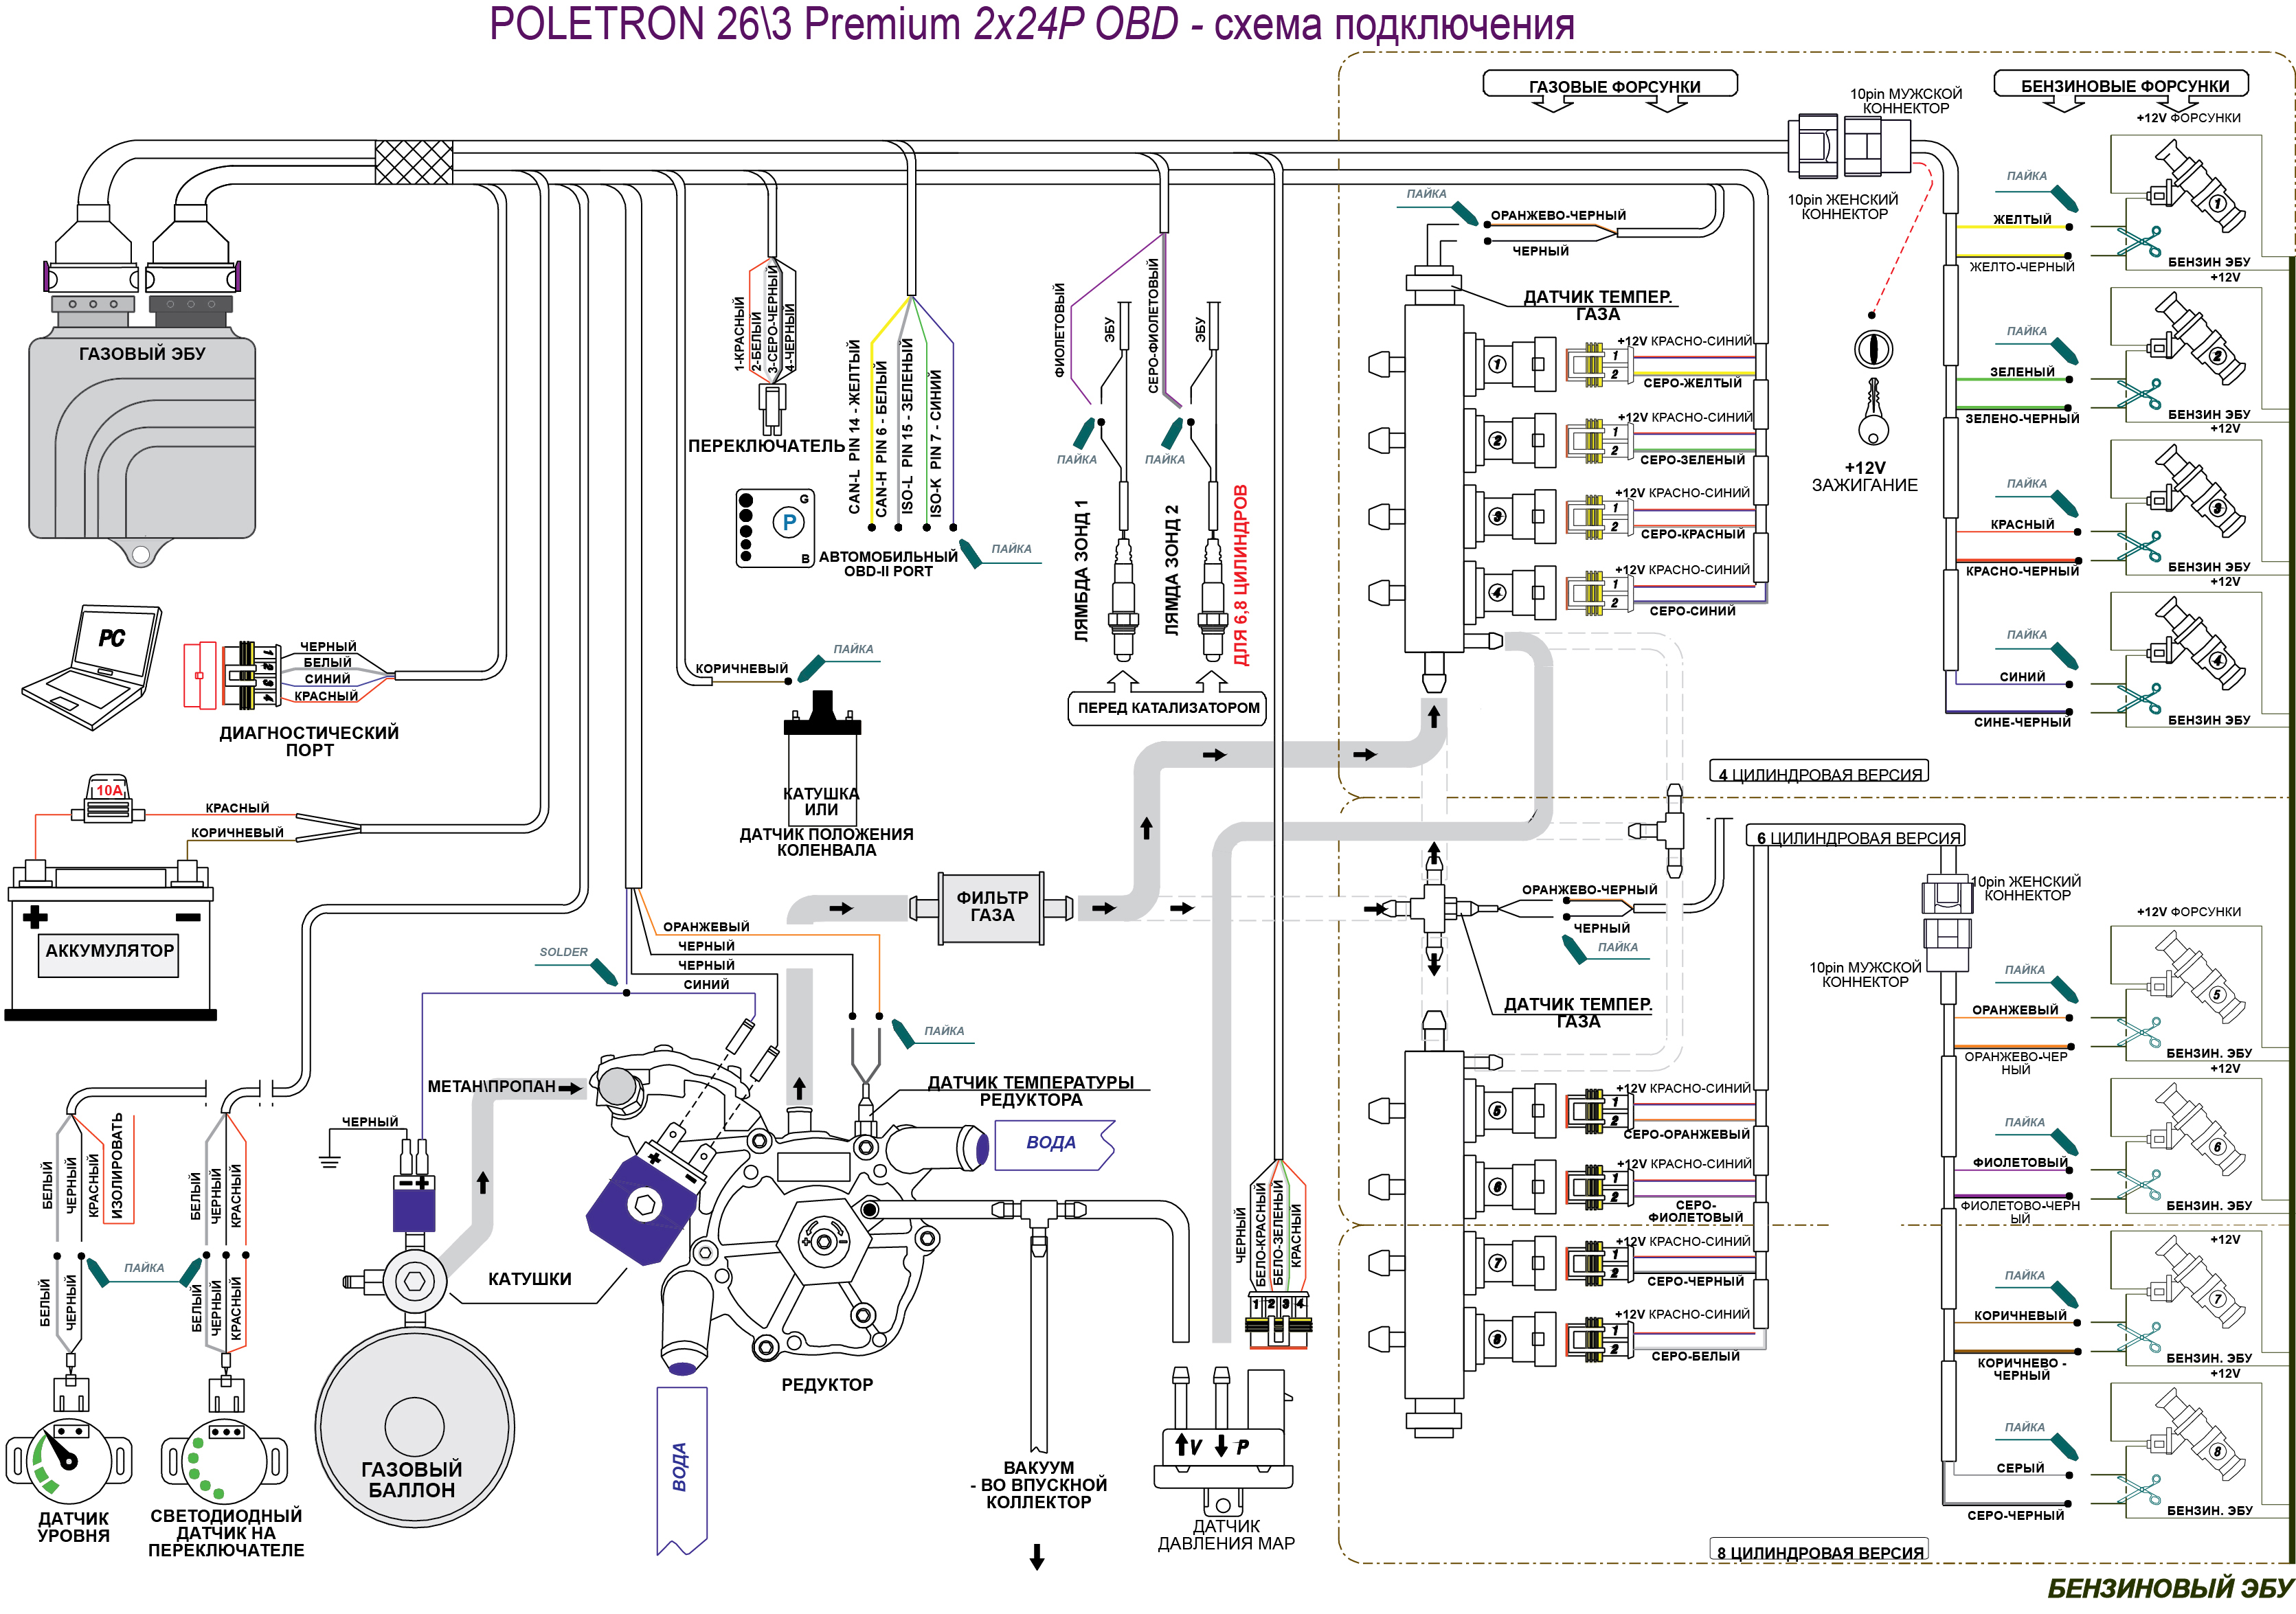 Схема установки газового оборудования фото 284